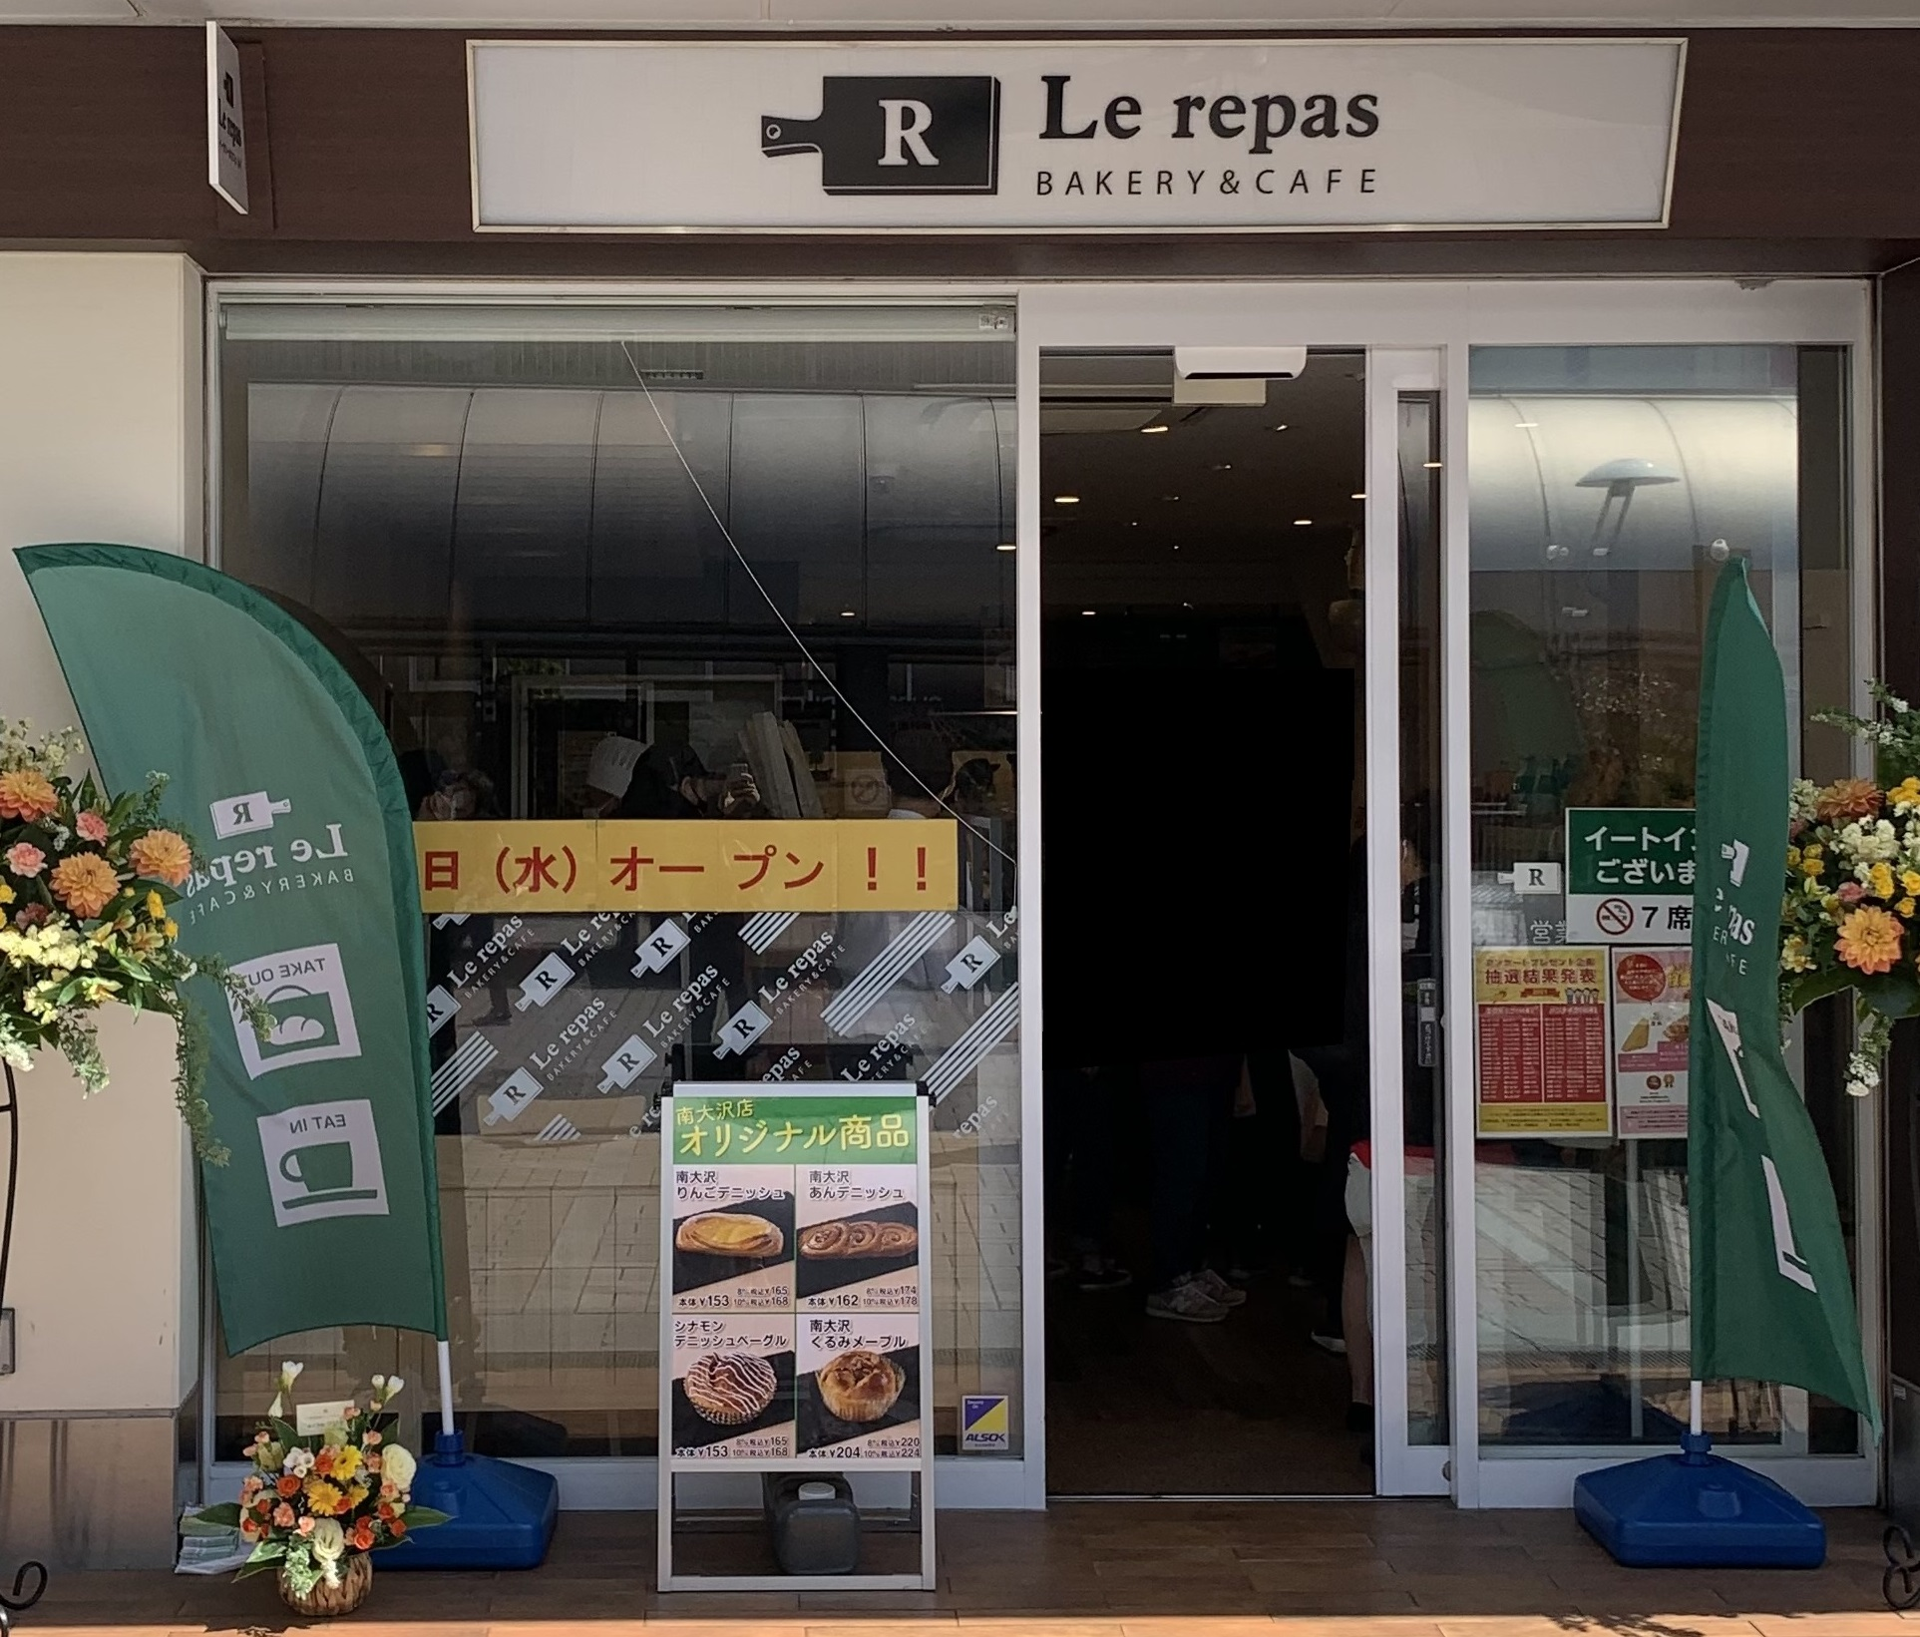 ベーカリー&カフェ ルパ 南大沢店